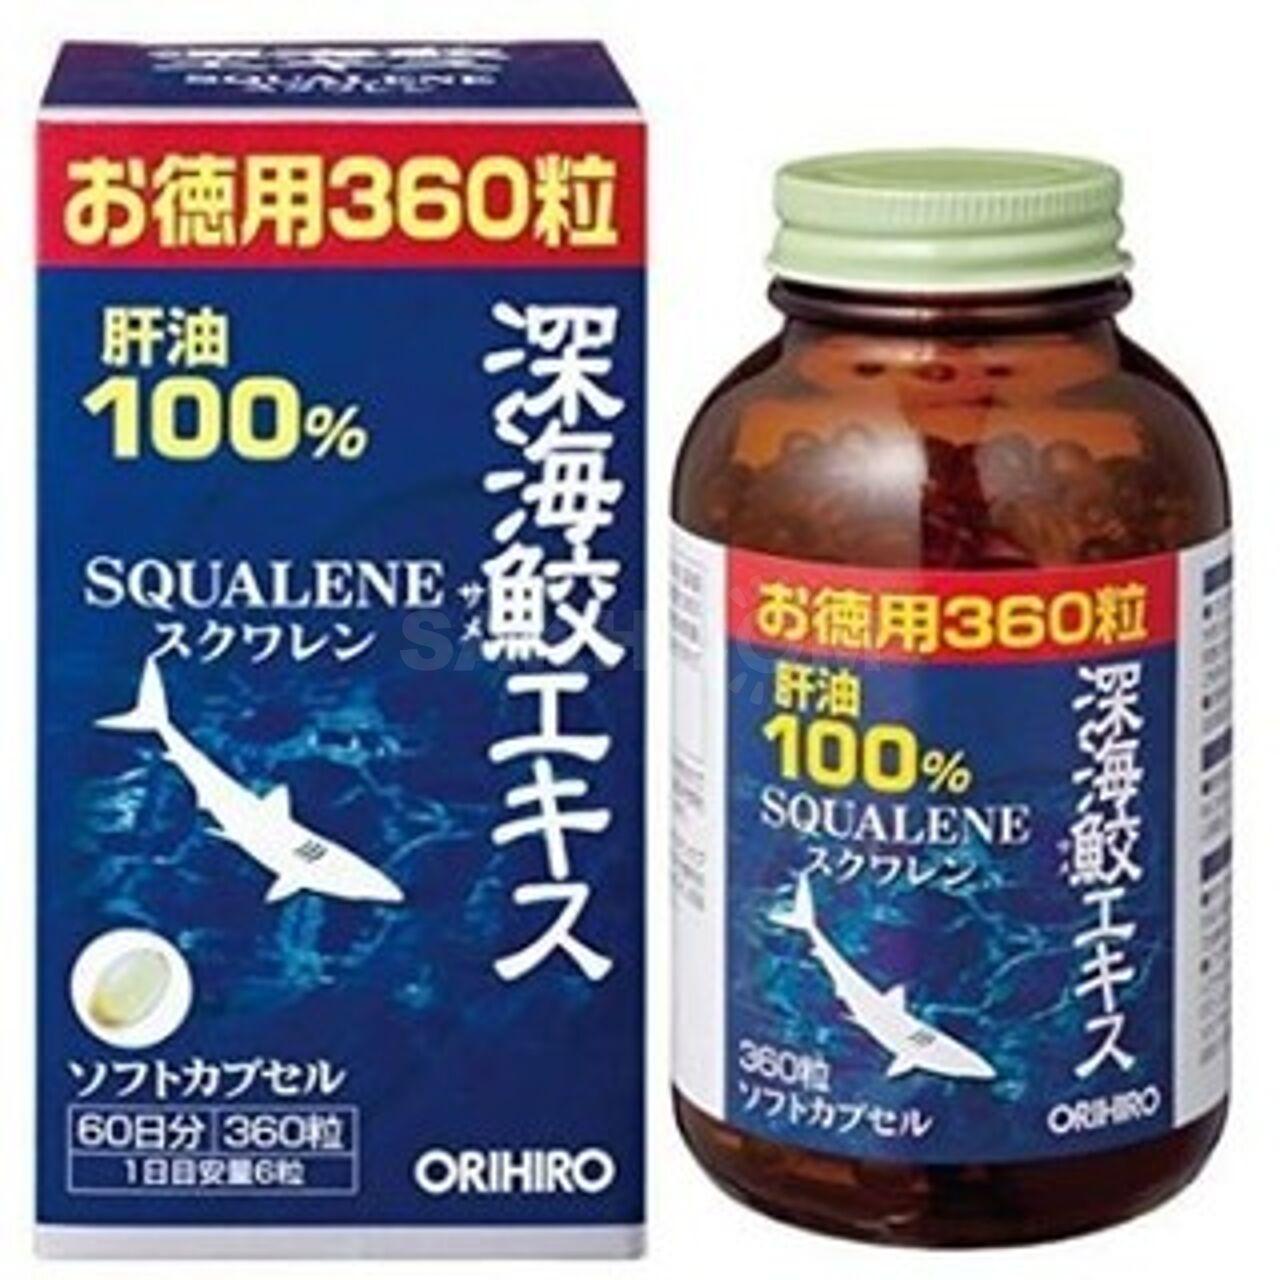 Бады для суставов япония болезнь суставов тазобедренного